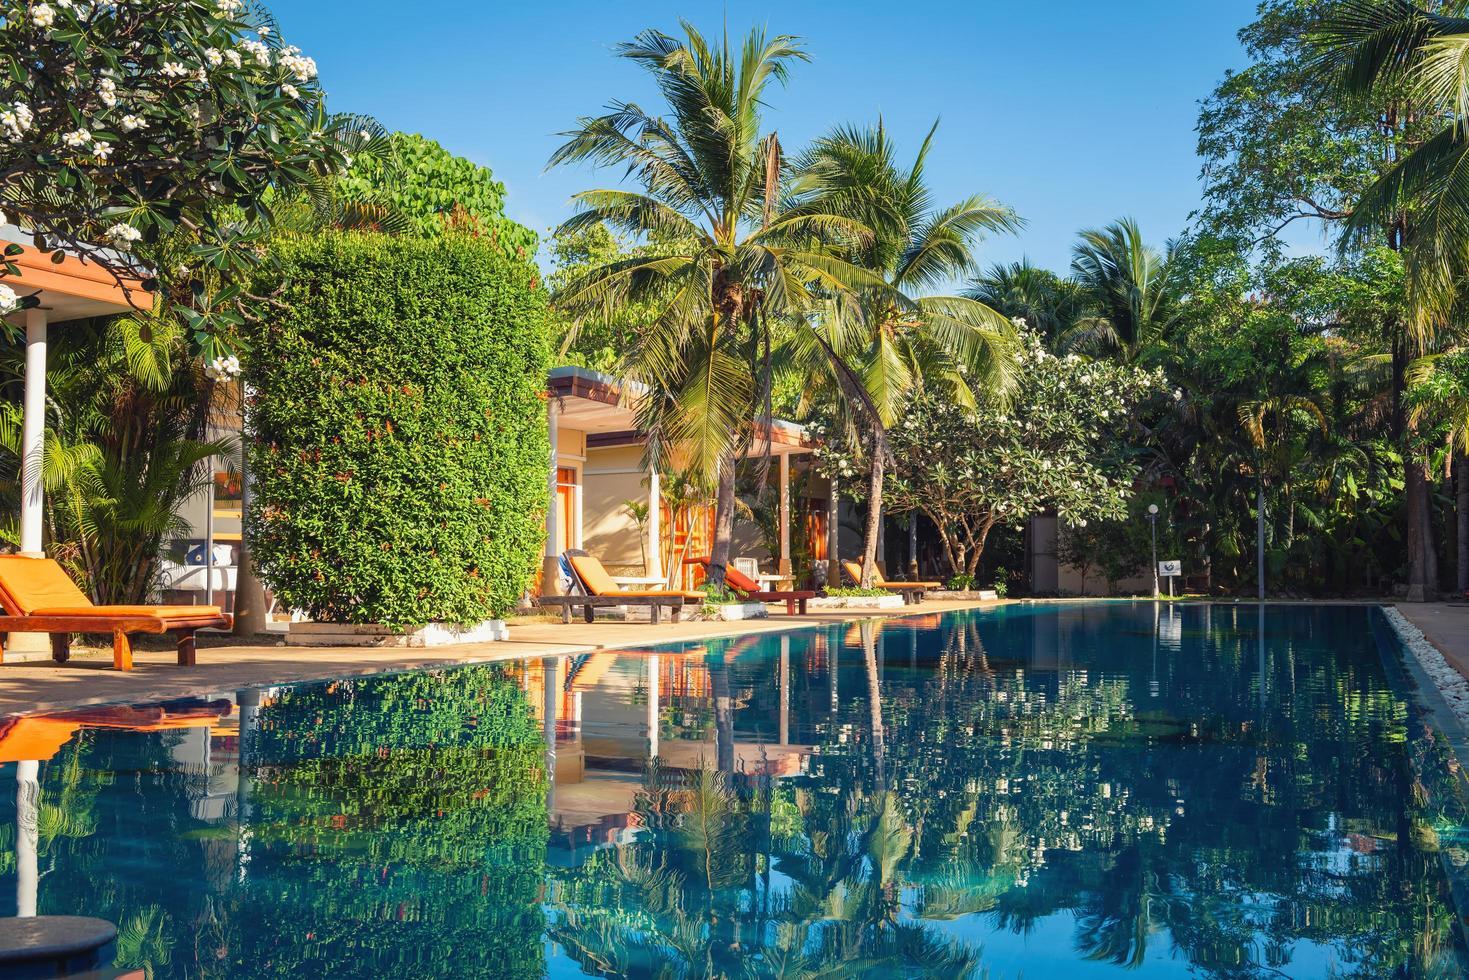 cena da piscina no resort foto